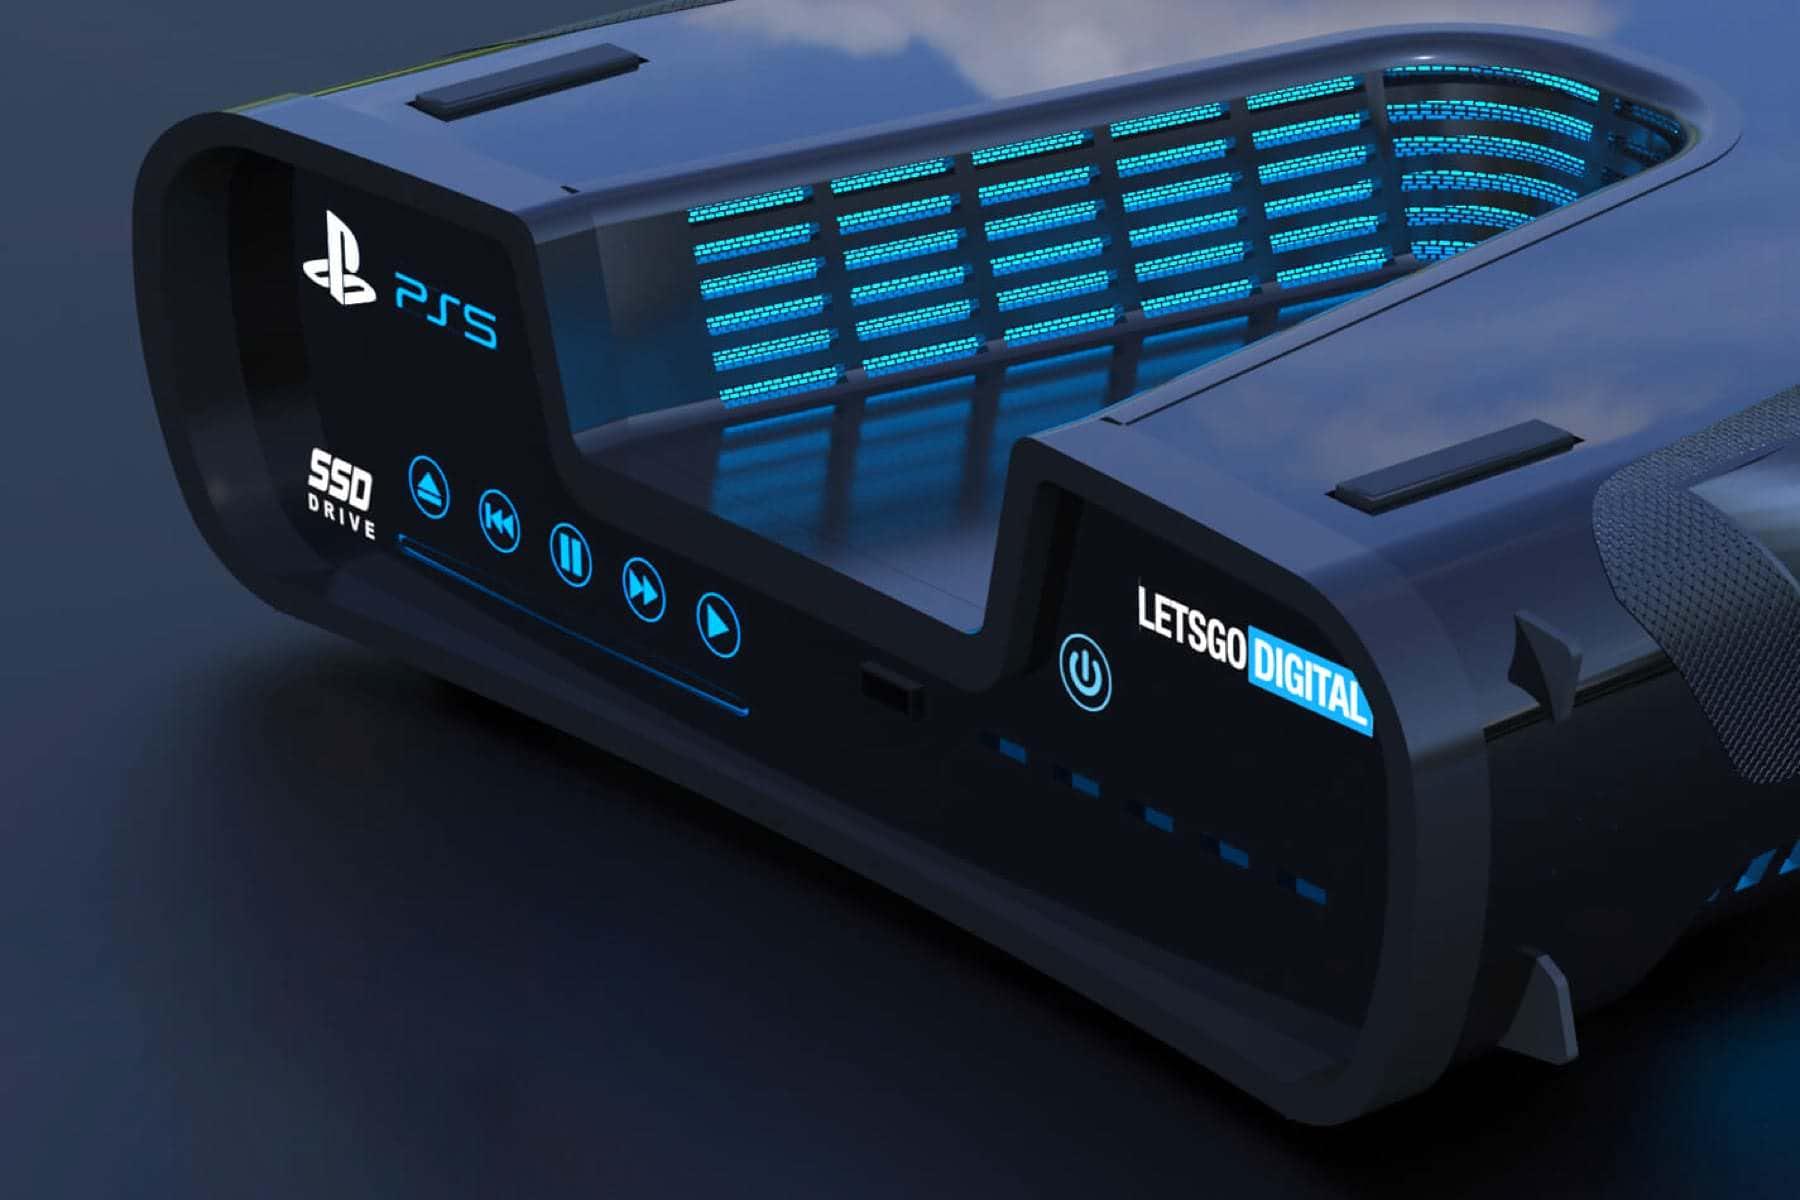 Появились фото консоли Playstation 5